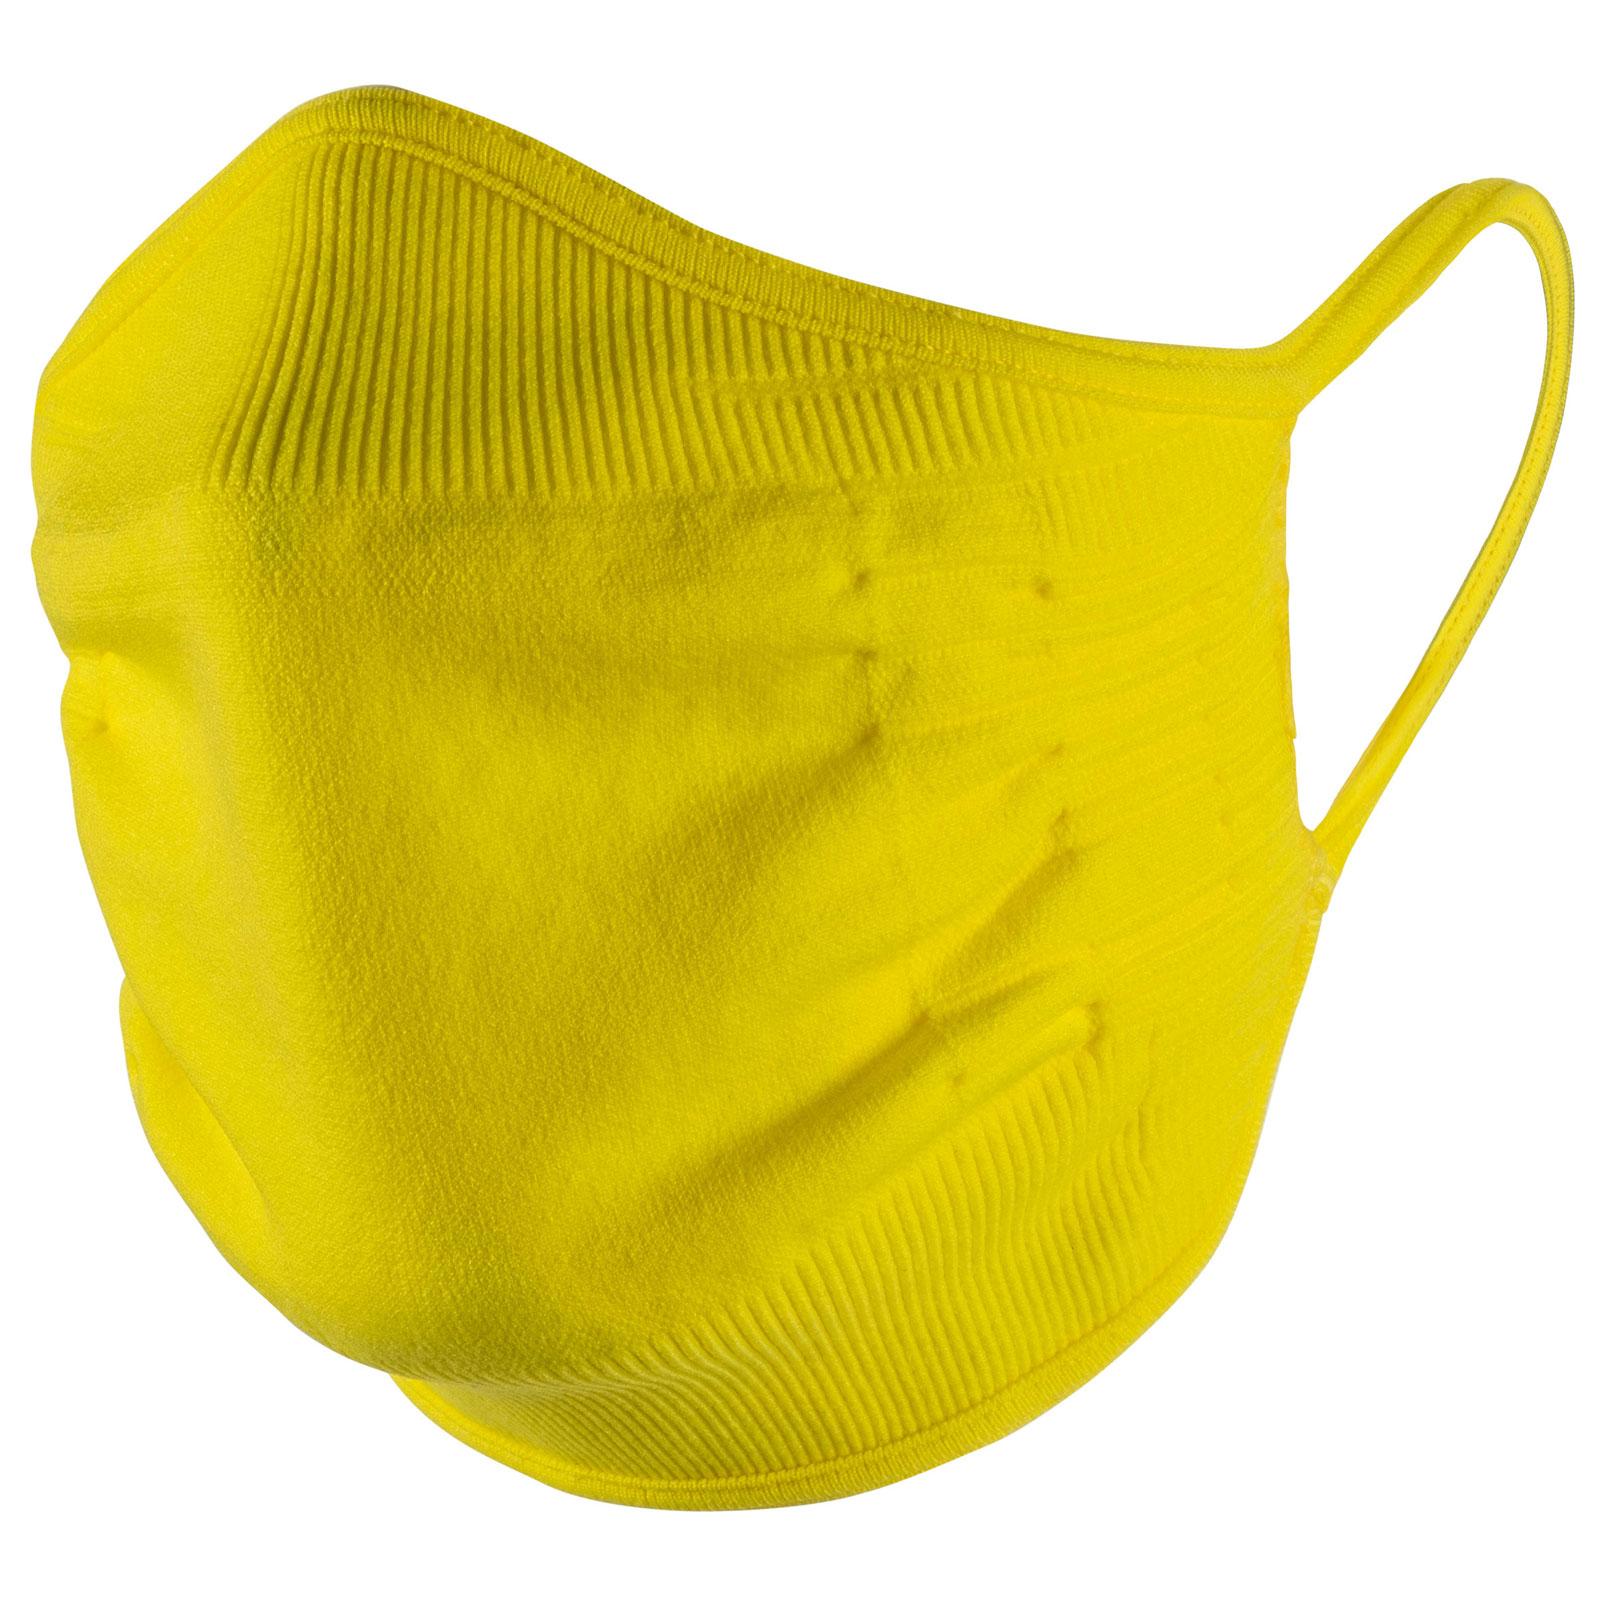 Image of UYN Community Mask Unisex - yellow